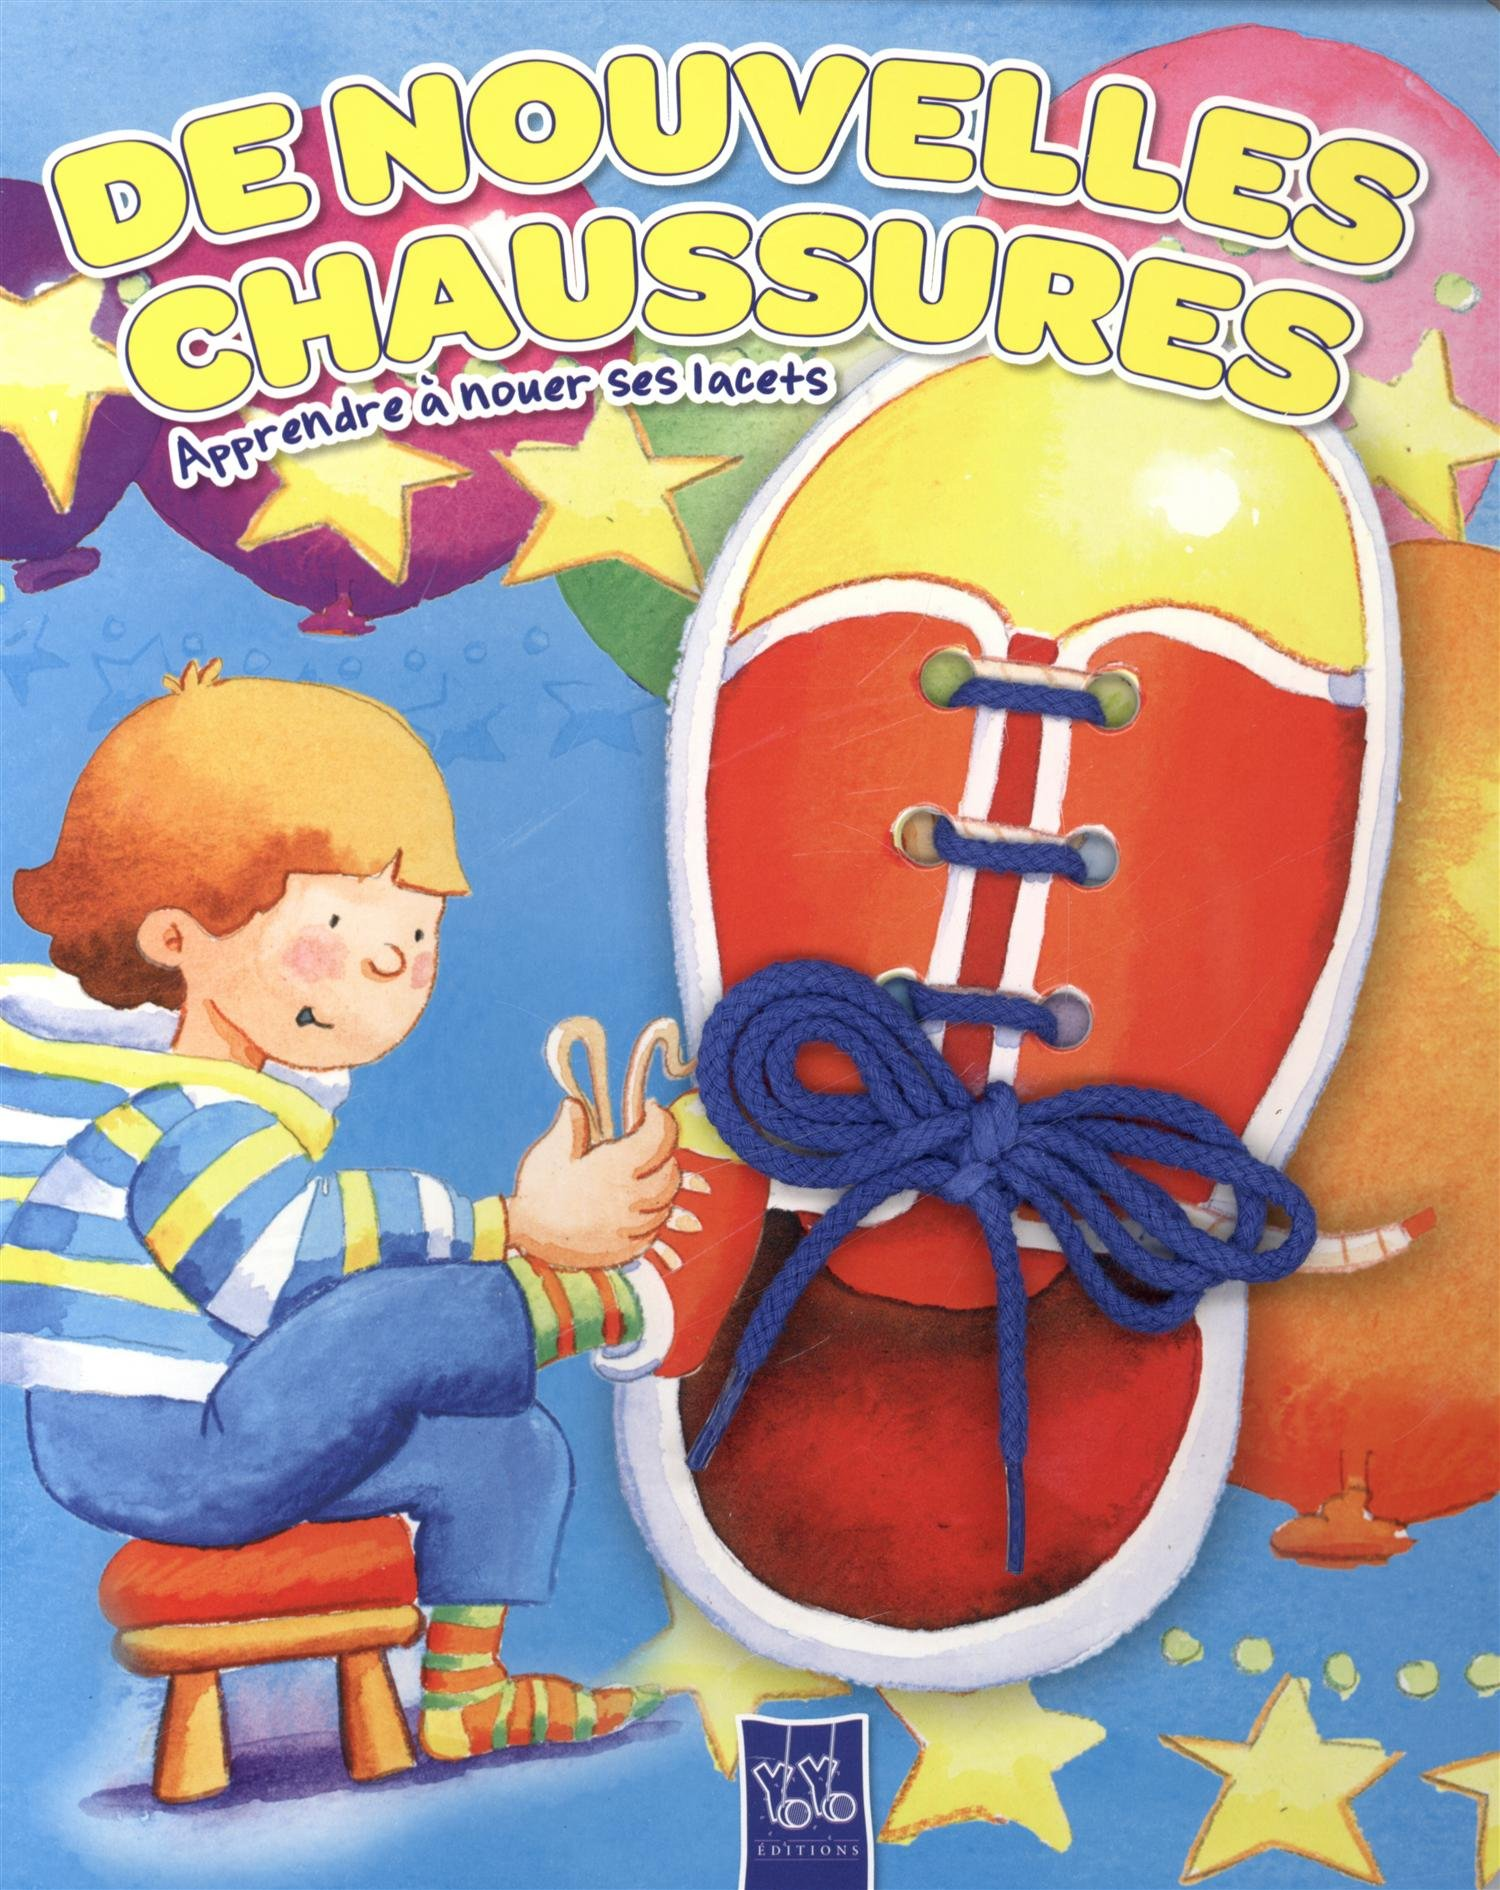 d257a0a772e35e De nouvelles chaussures : Apprendre à nouer ses lacets: Amazon.fr: Yoyo  éditions: Livres